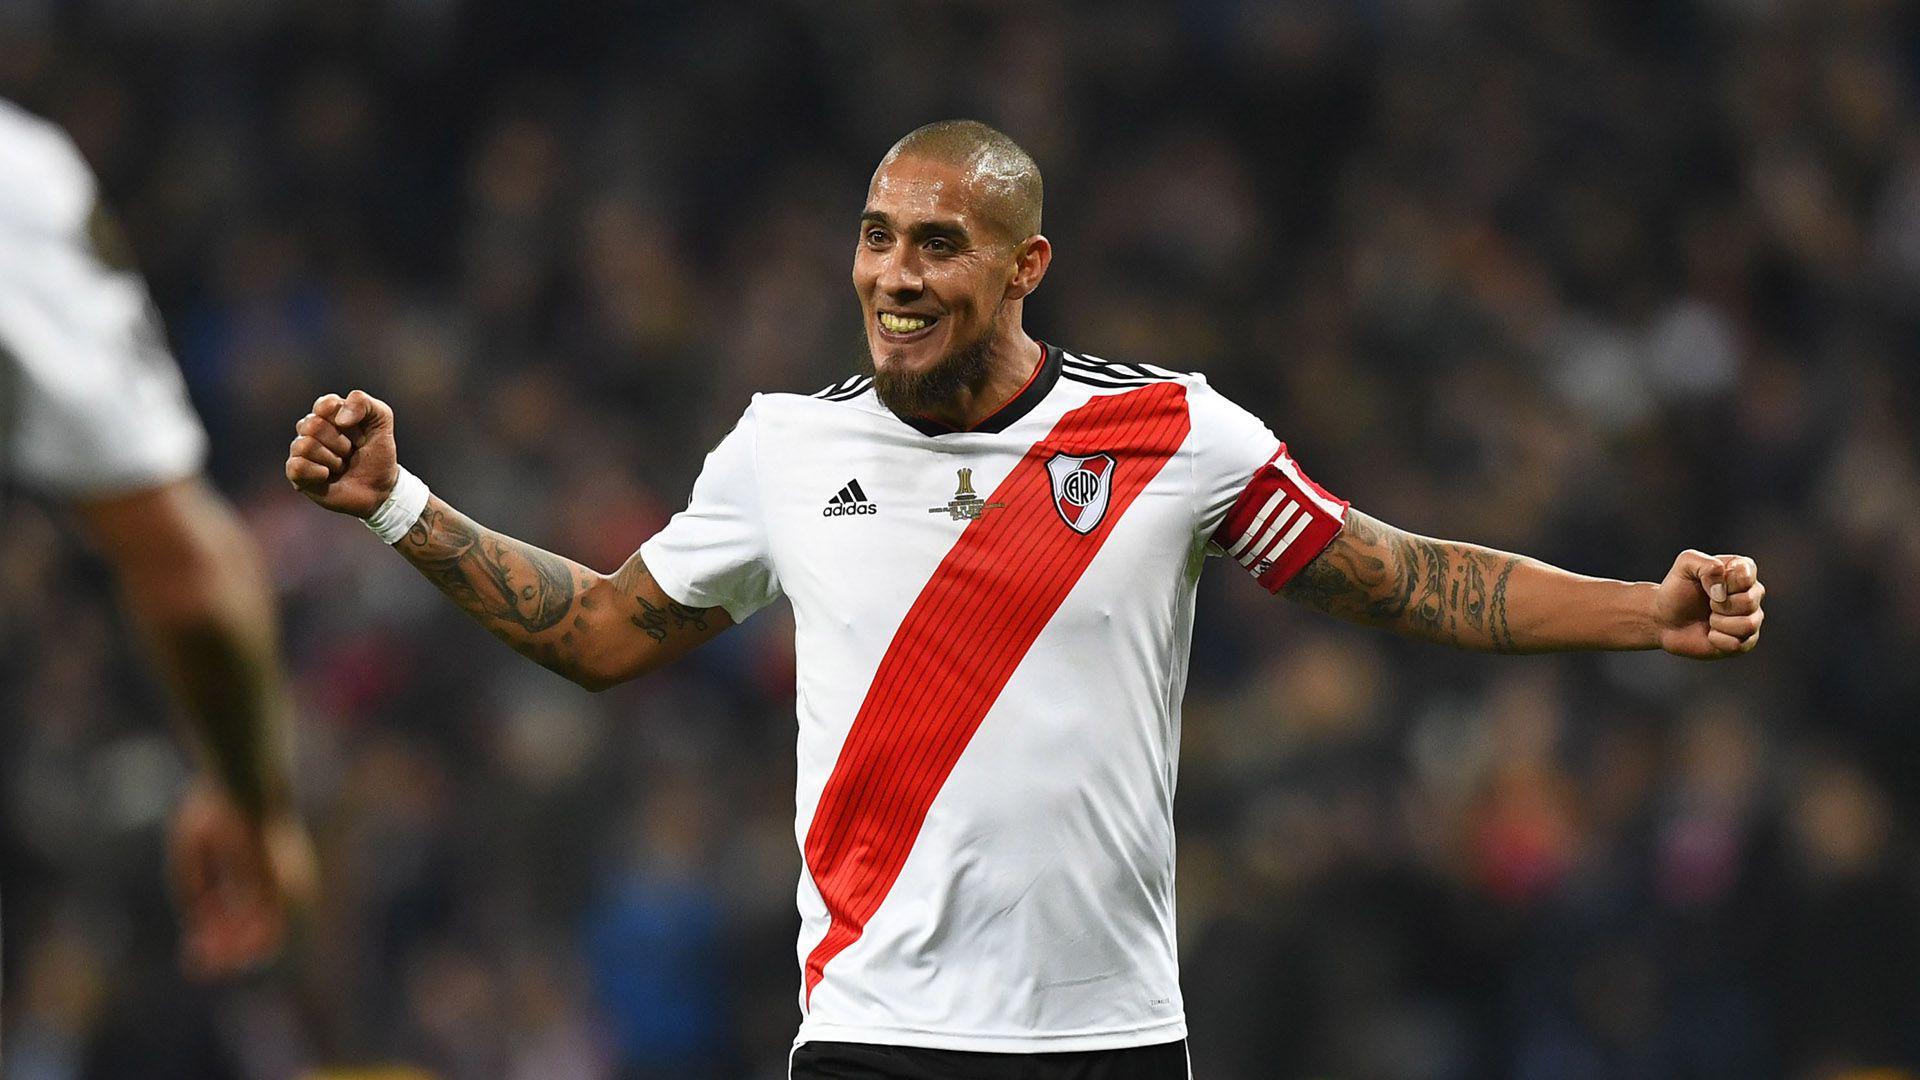 El festejo de Maidana tras vencer a Boca en la final de la Copa Libertadores 2018 (Gabriel BOUYS / AFP)